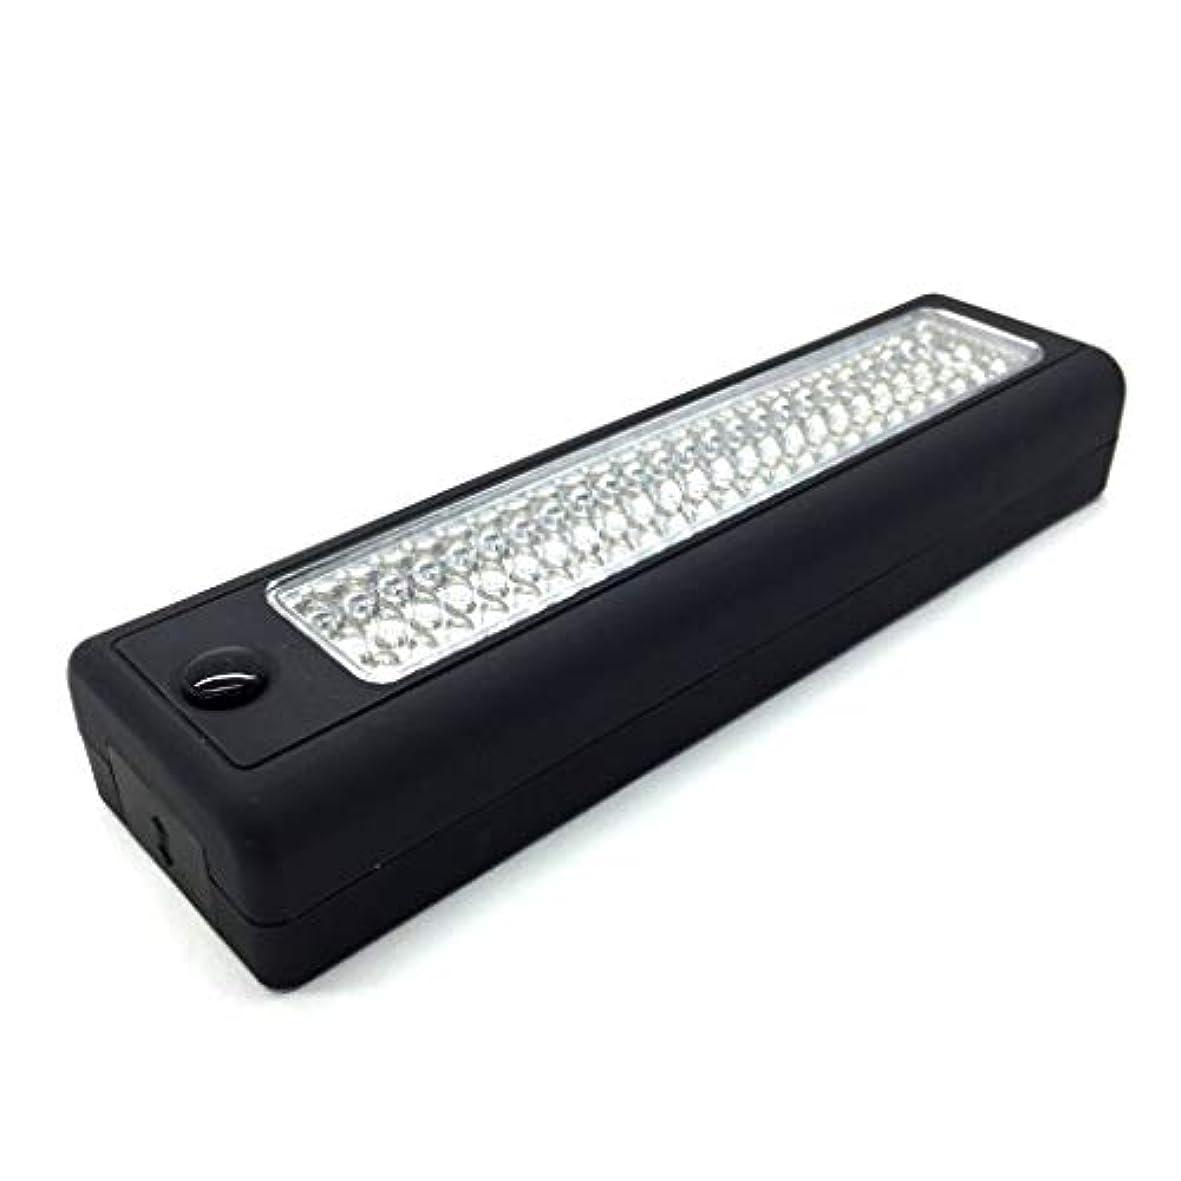 矛盾するむしろとは異なりLEDワークライト 点灯 キャンプや作業に最適 LEDライト フック ボディカラー 黒  LEDワークライト LED ライト懐中電灯 大光量 作業灯 ワークライト led 強 ライトバー ランタン